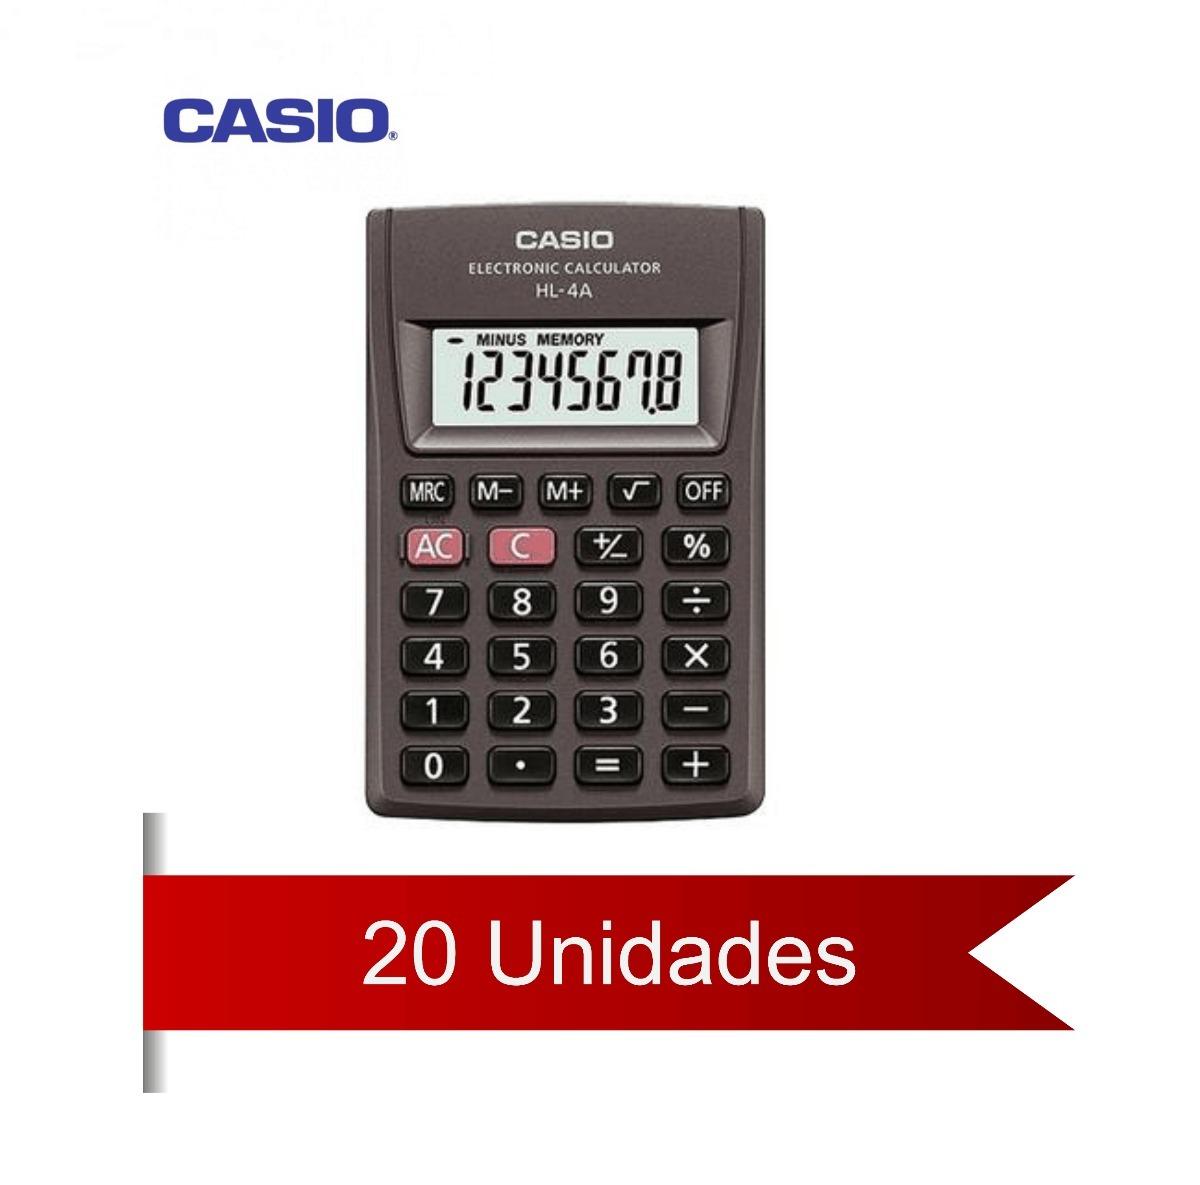 7c7543d2605 Calculadora De Bolso Casio Desligamento Automático 20 Unid - R  318 ...